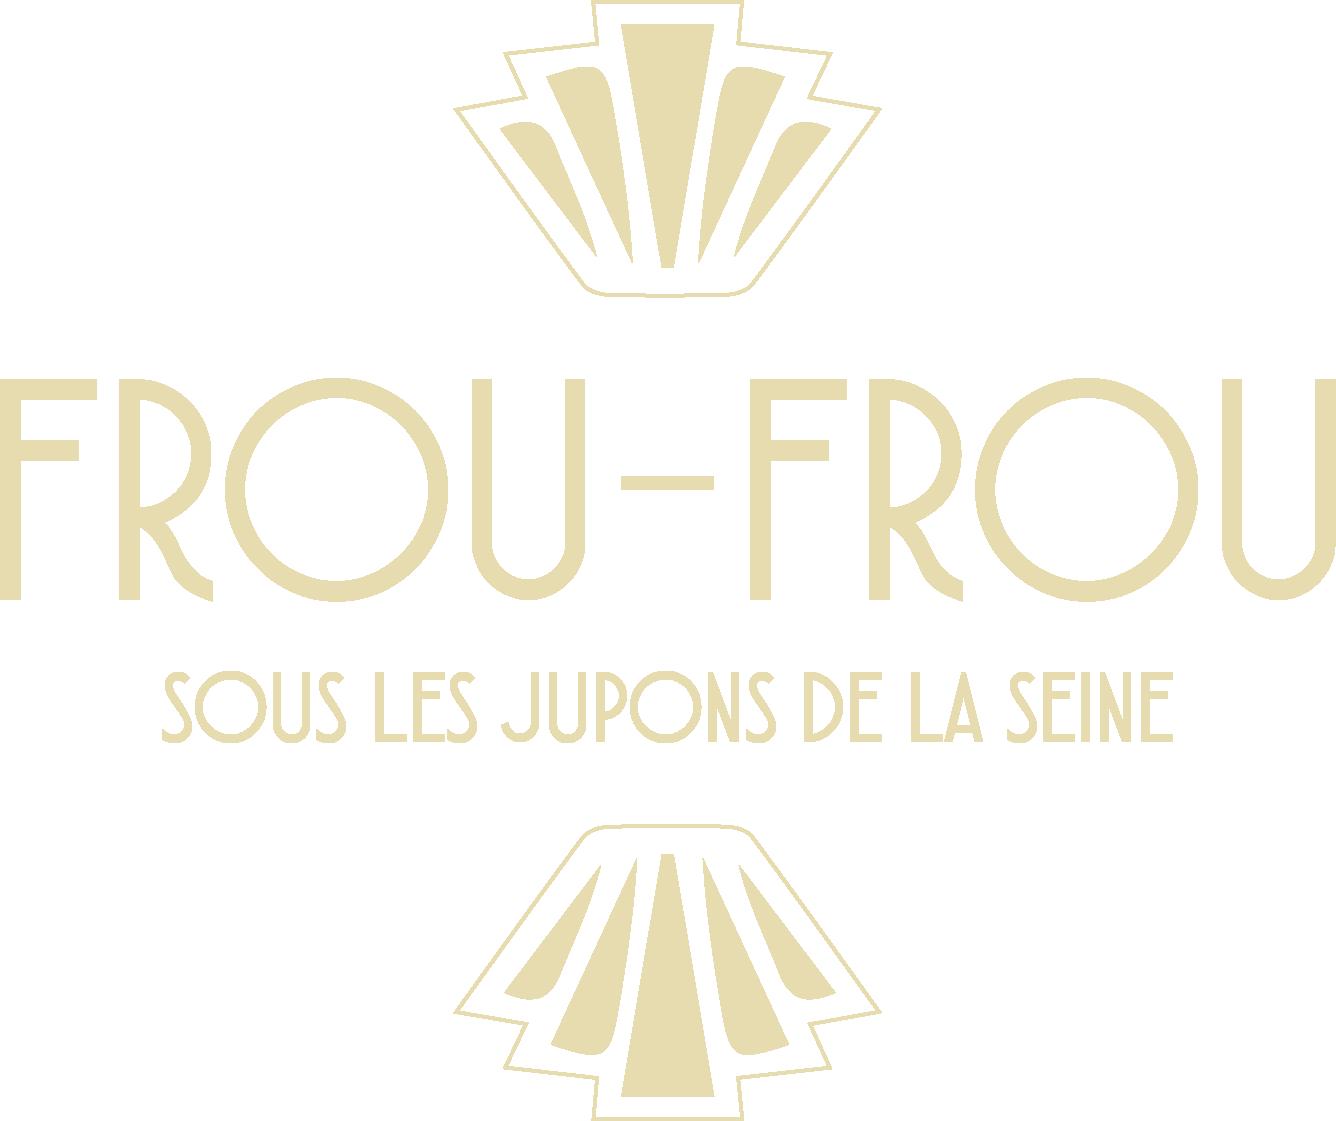 , Accueil, Frou-Frou, sous les jupons de la Seine